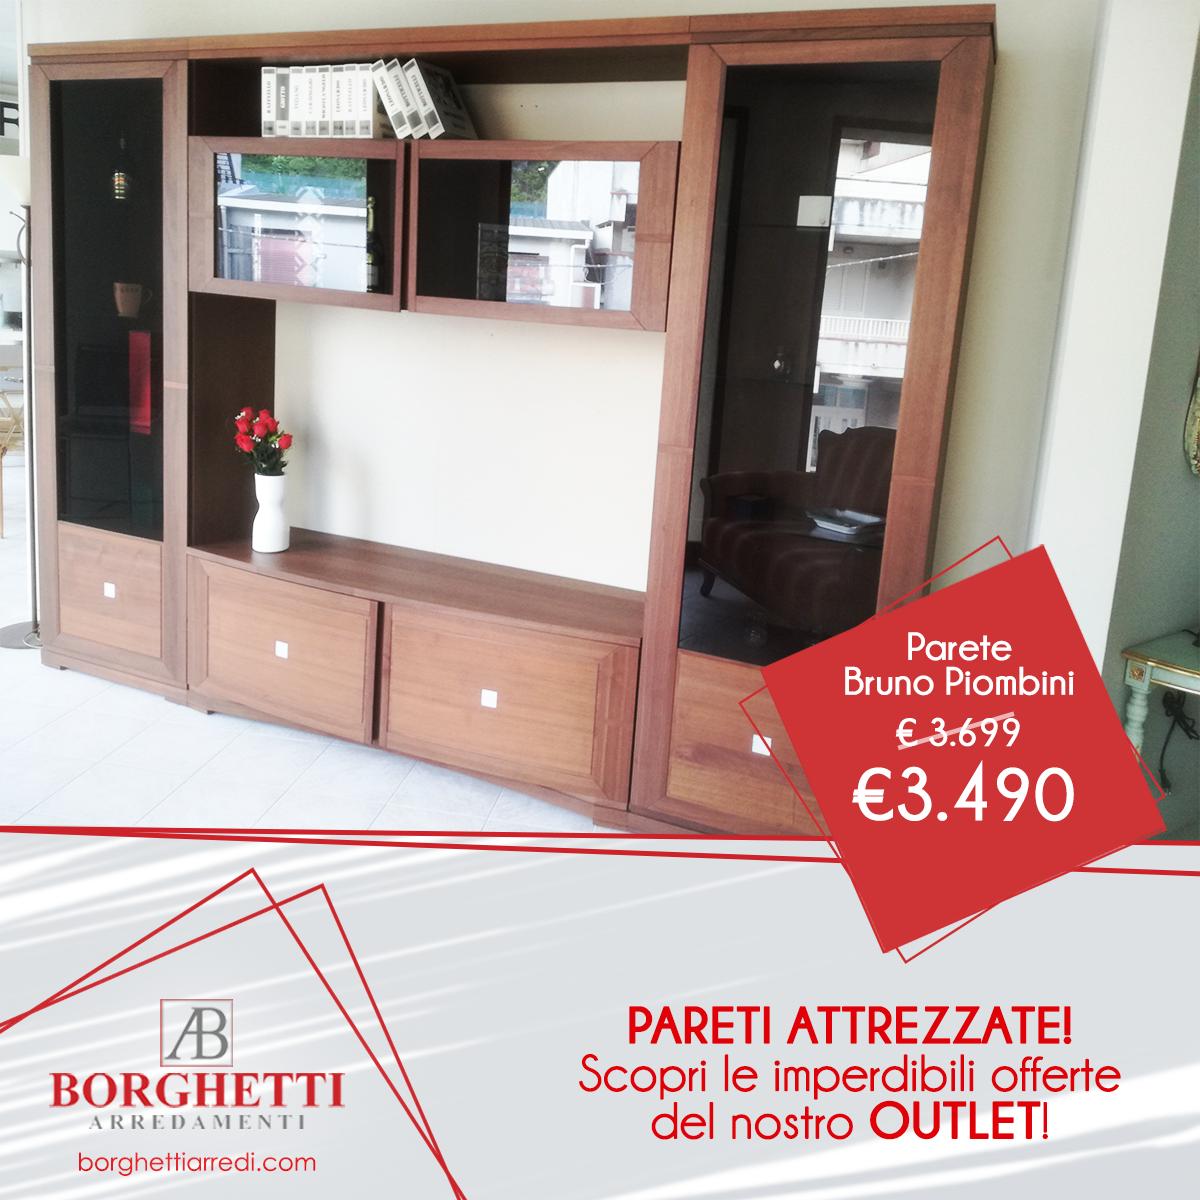 Parete Bruno Piombini Collezione Modigliani - €3.490 - Borghetti ...